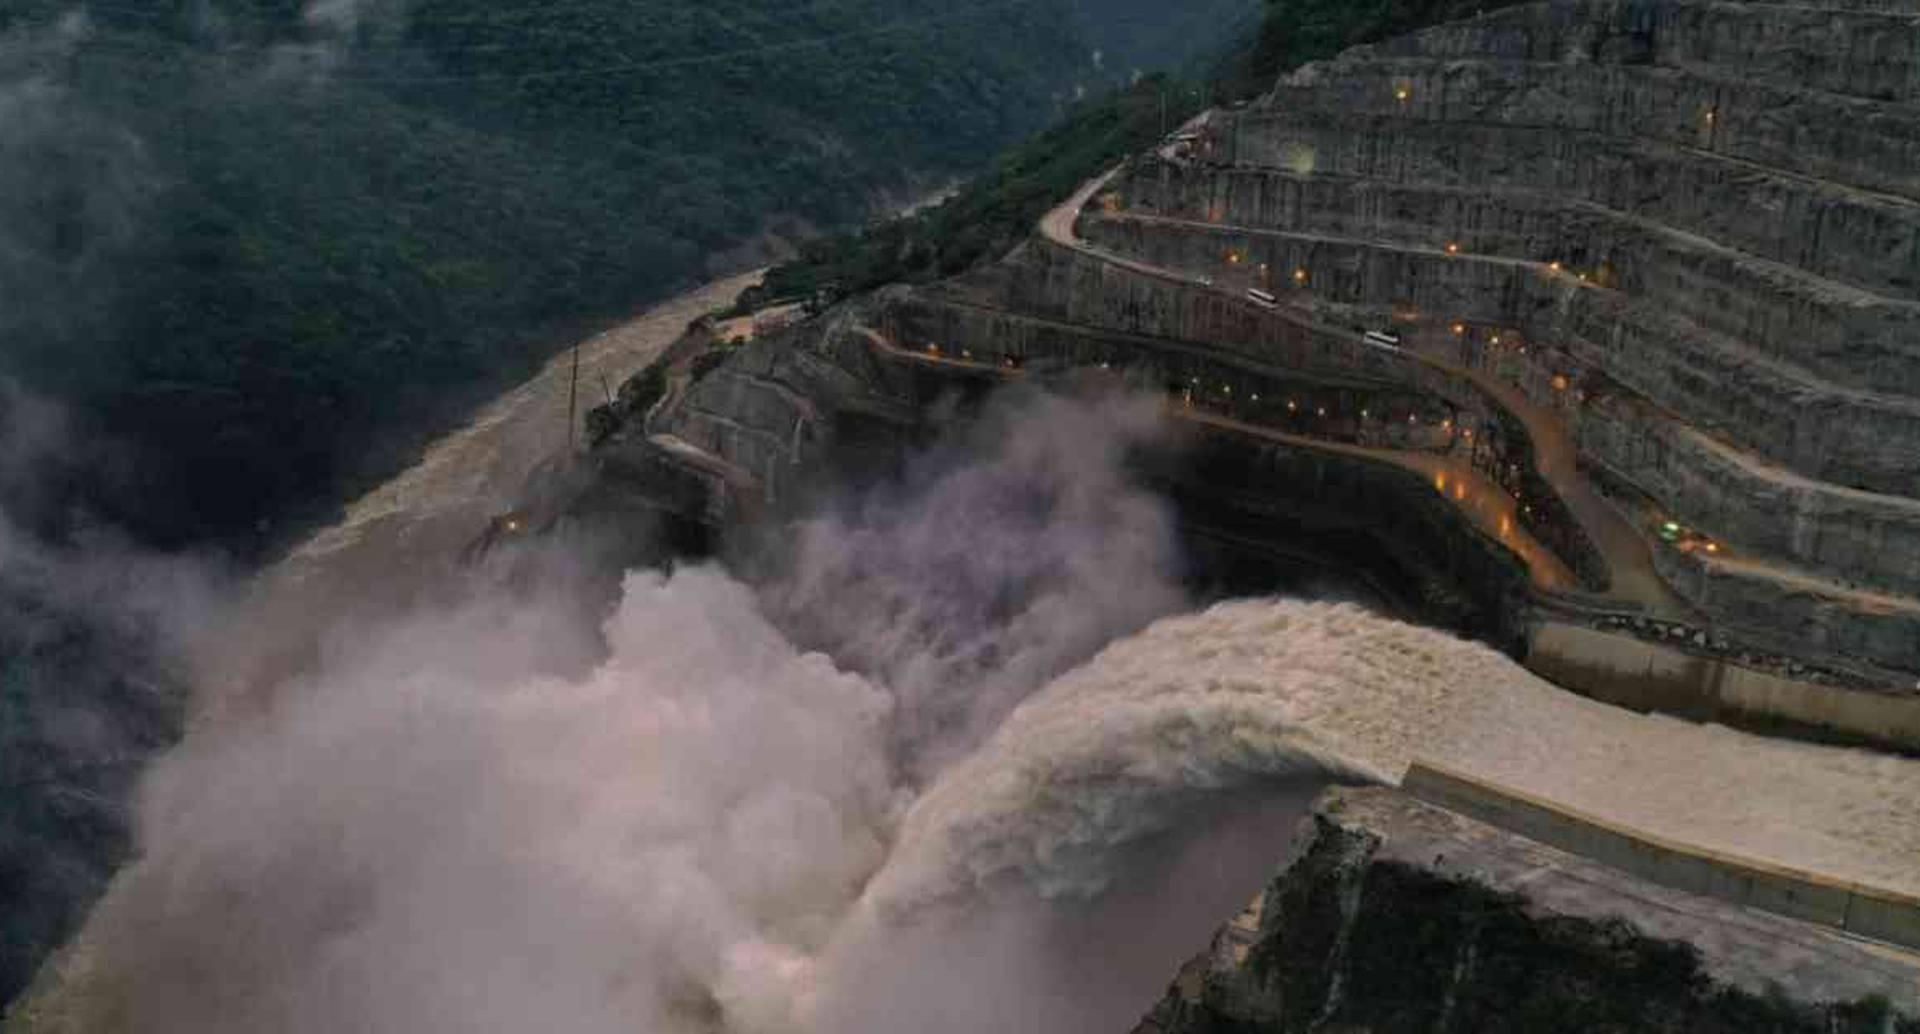 La Anla le solicitó a EPM un estudio sobre los impactos adversos que trae la operación continua del vertedero del proyecto Hidroituango al río Cauca. Foto: Esteban Vega/Semana